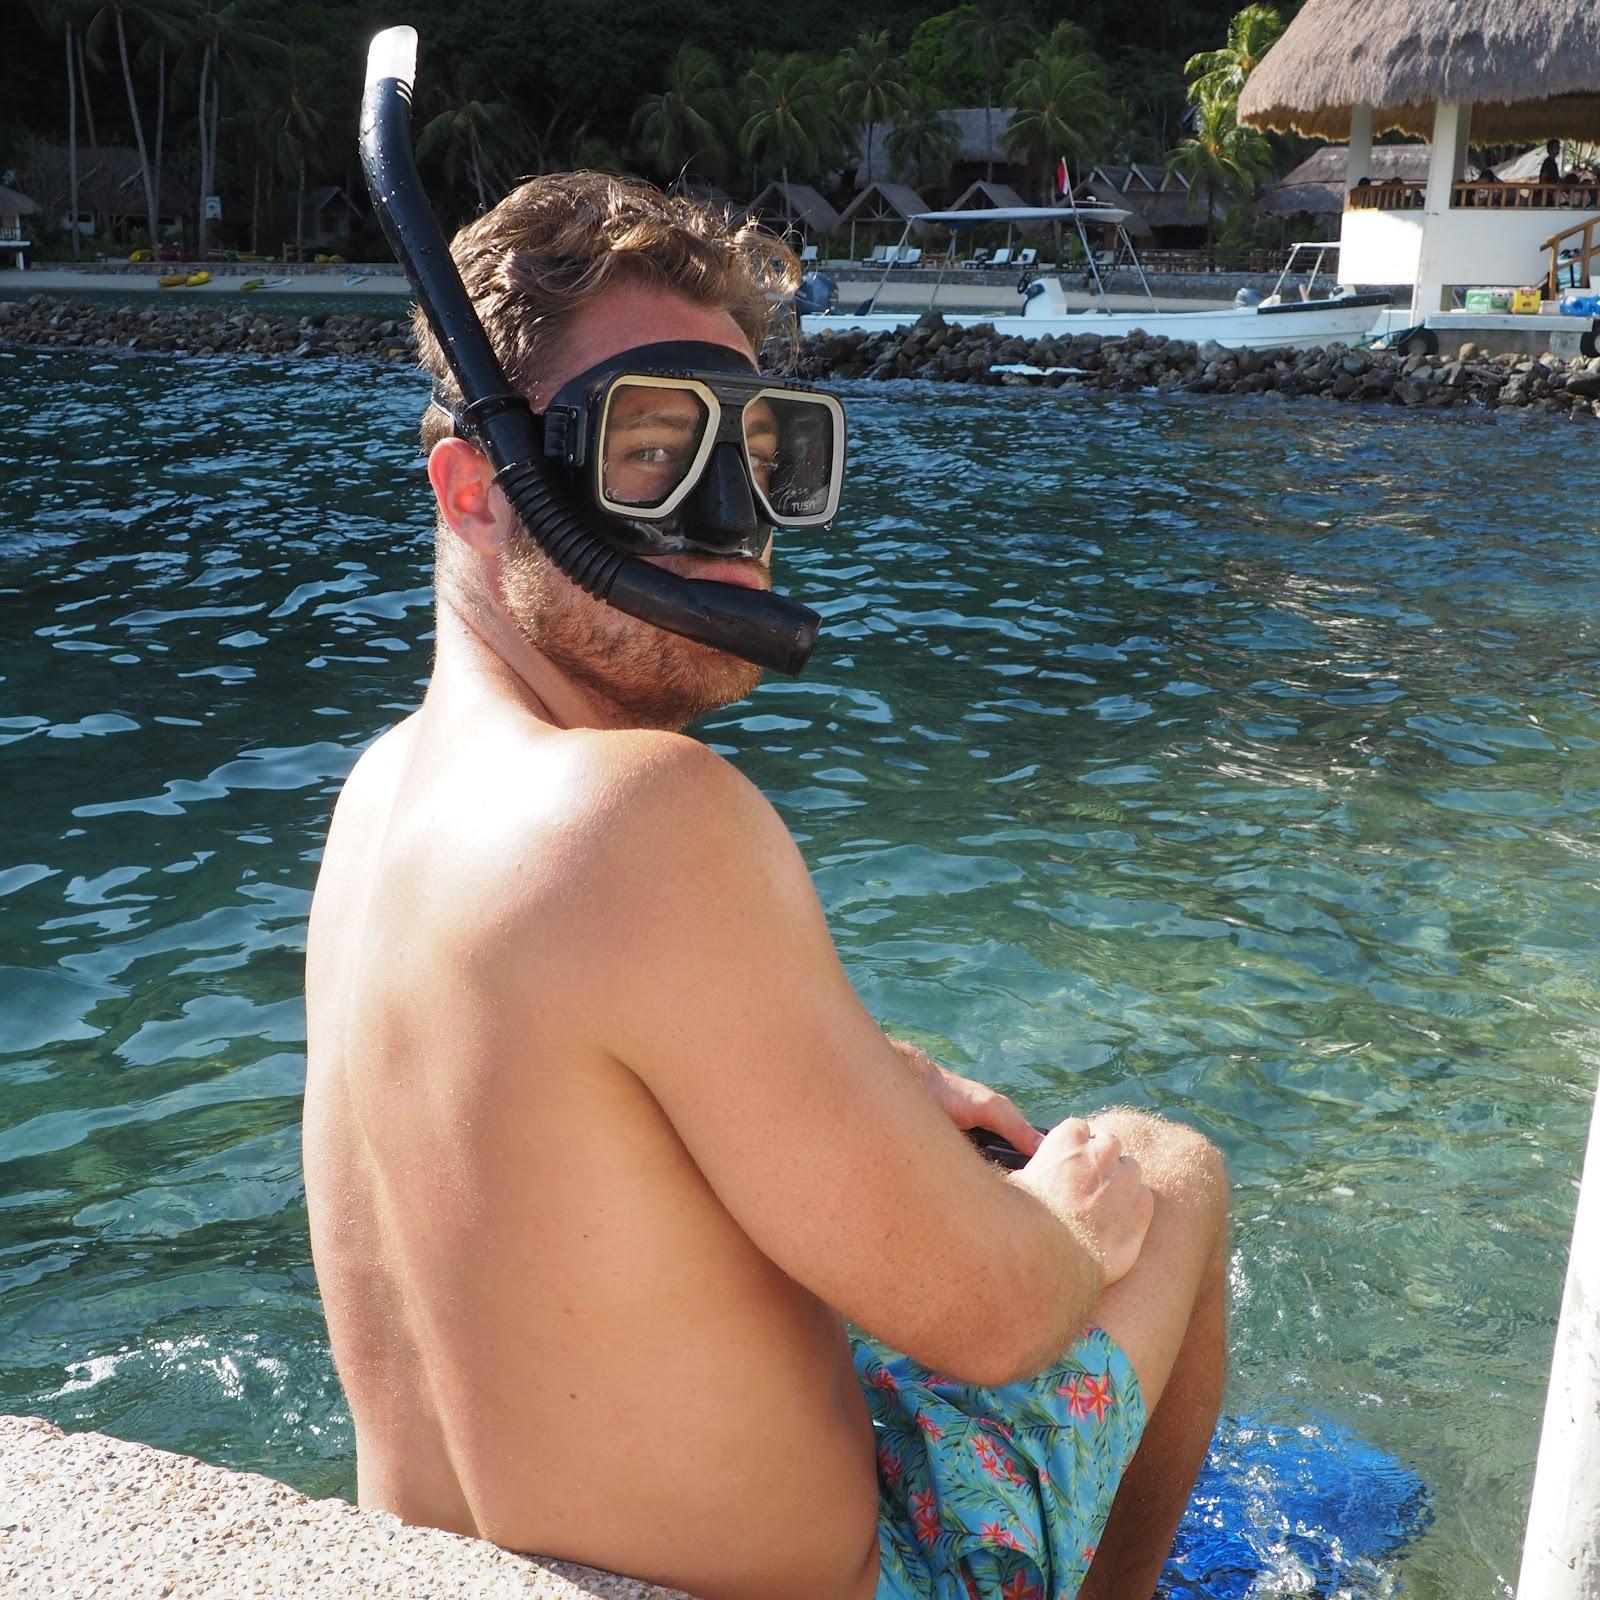 Man in Board shorts wearing snorkel gear